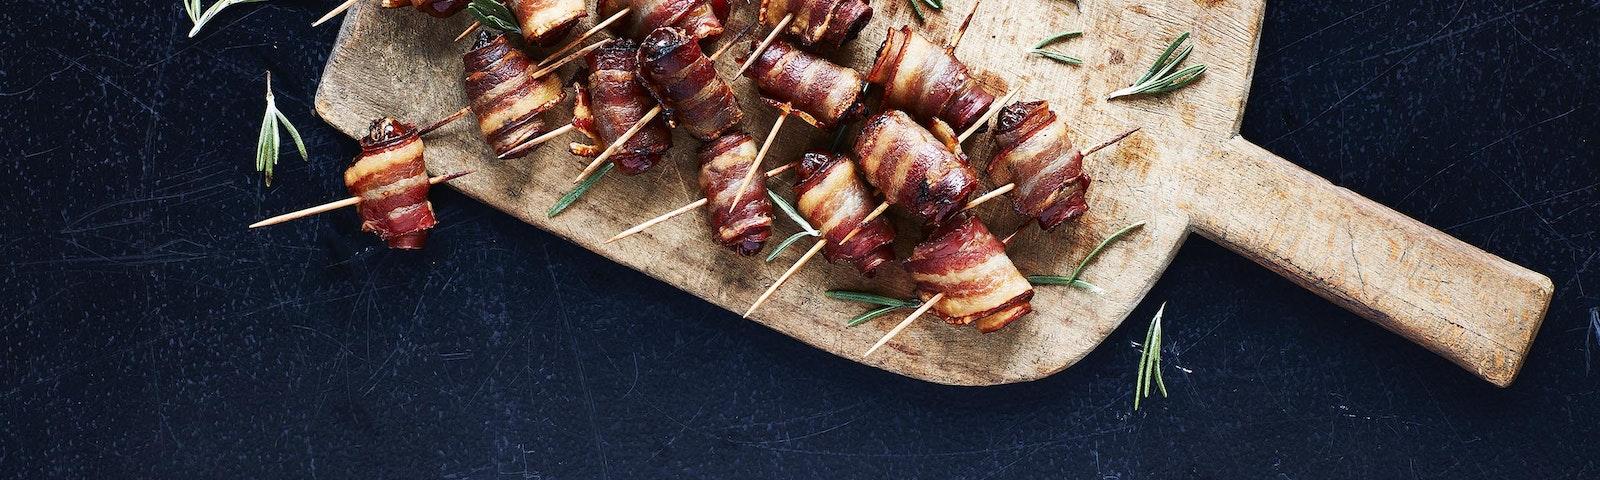 Getrocknete Datteln in Bacon